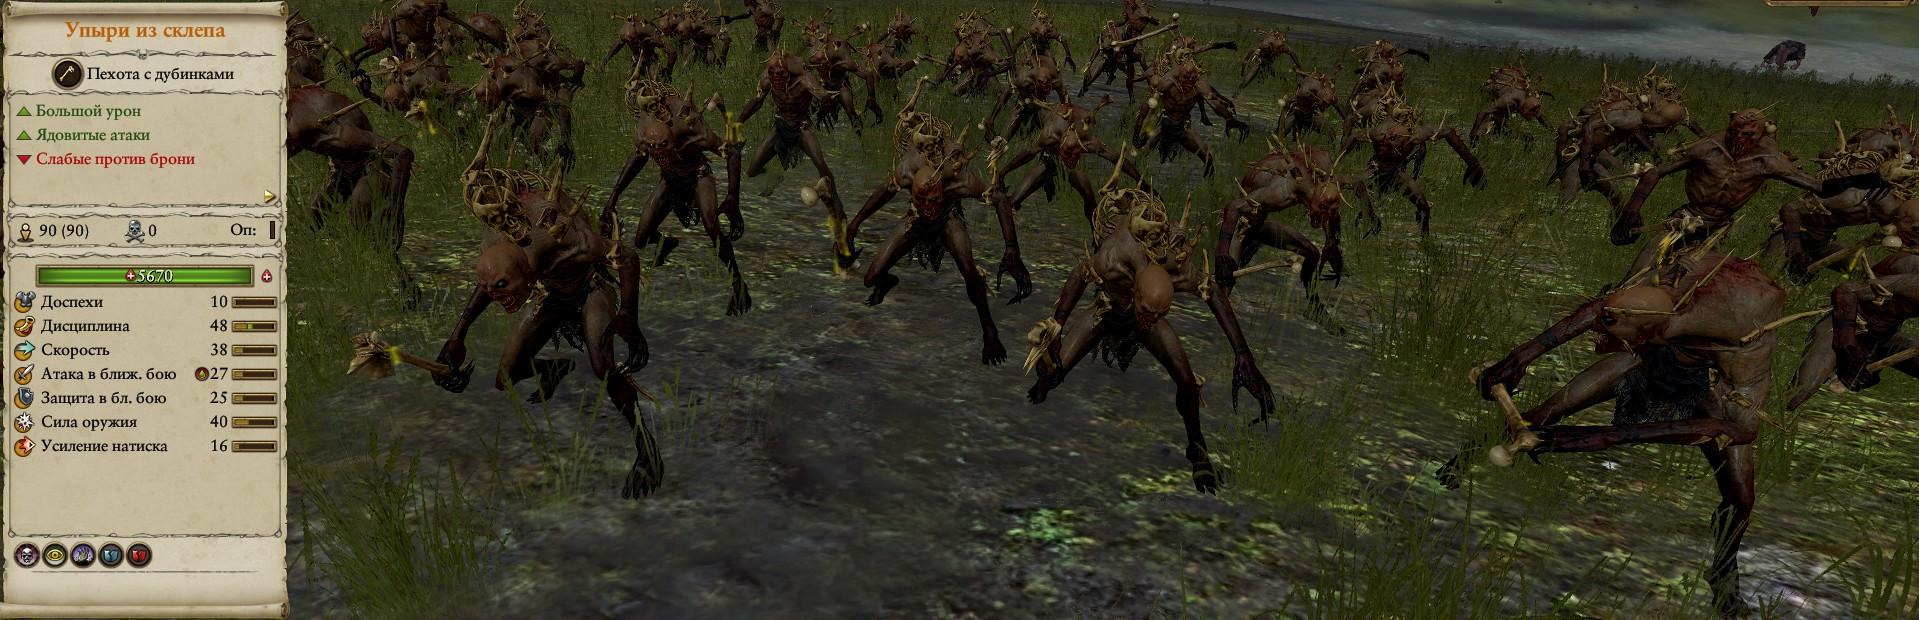 Войска вархаммер тотал вар 2